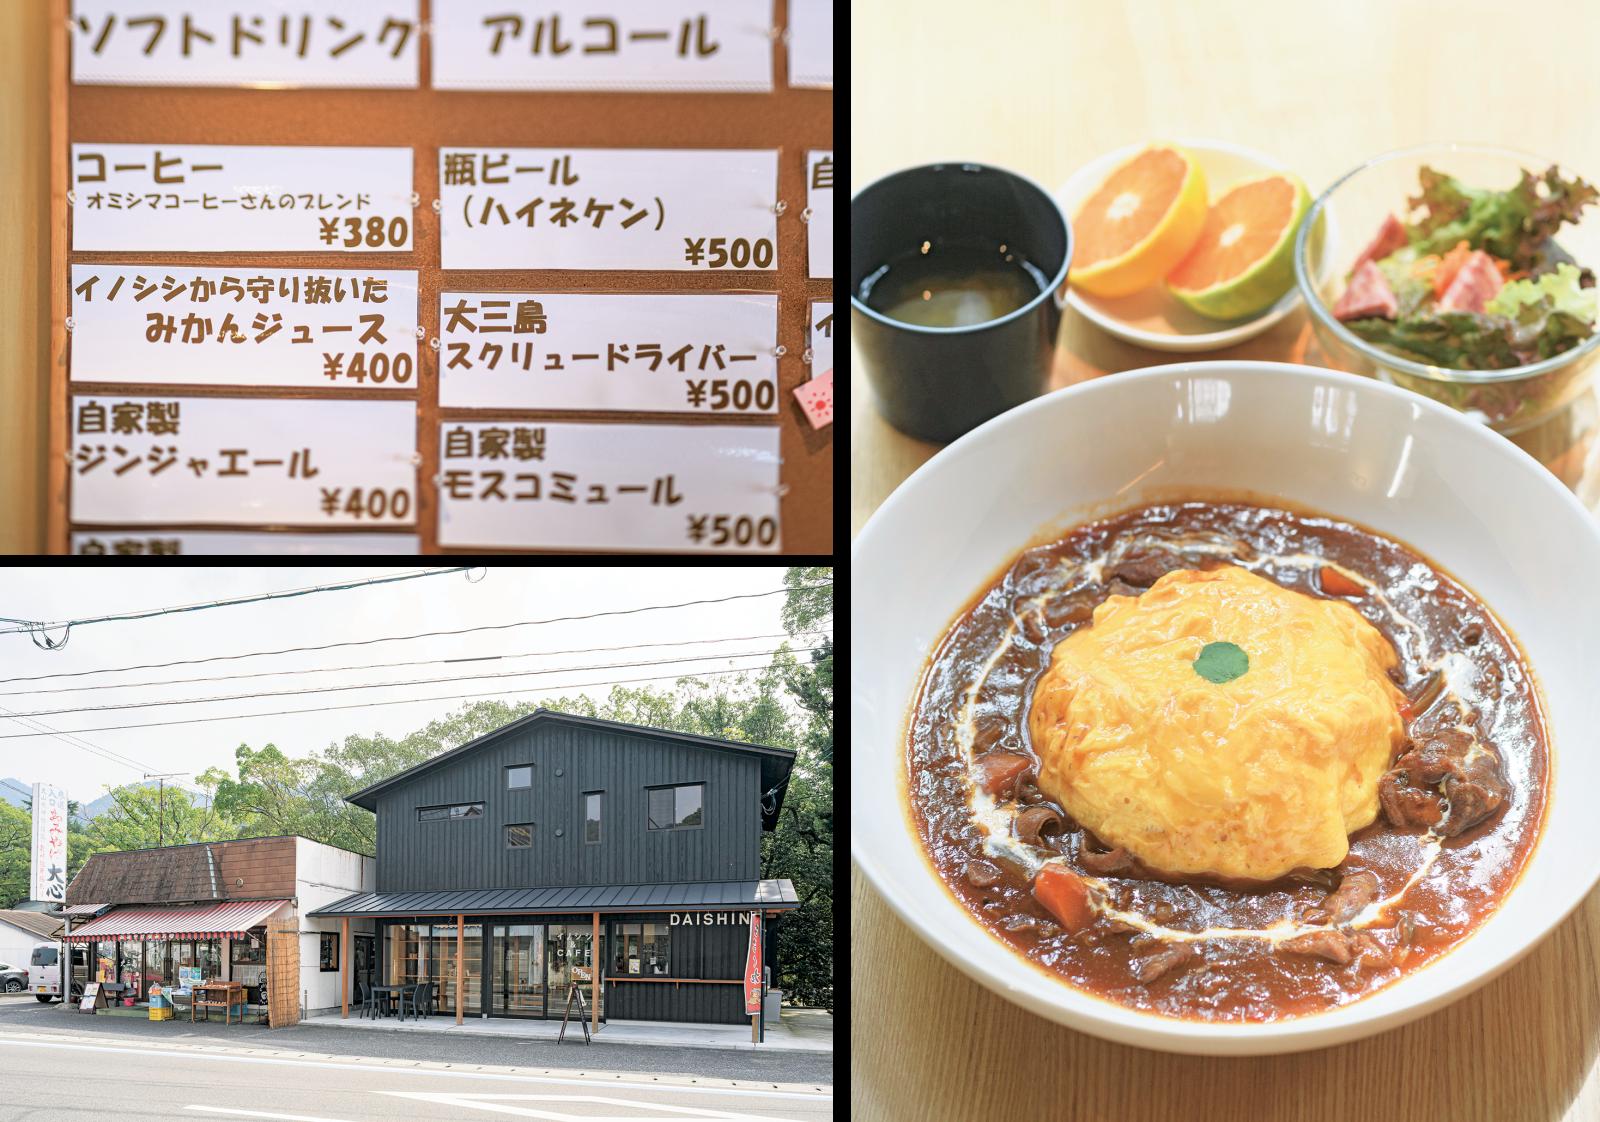 昨年、渡邉さんがオープンしたイノシシ肉専門カフェ『DAISHIN』では、シシ肉を使ったハンバーグや「デミオムライス」(写真右)が食べられ、牛肉よりも旨味が濃いと好評。渡邉さんのご実家で育てた「イノシシから守り抜いたみかんジュース」もおいしい。